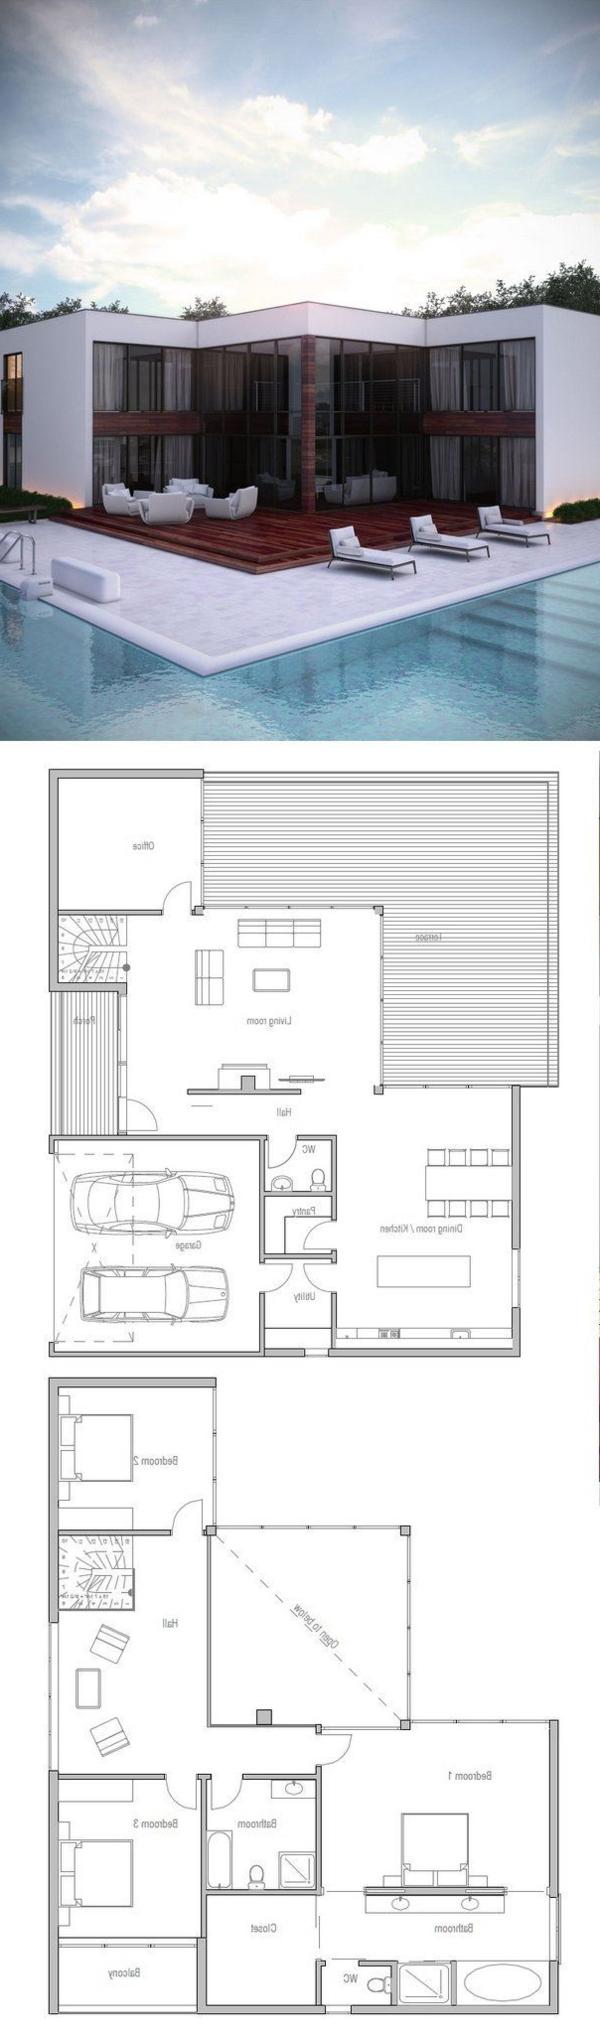 Plan De Maison Chalet Style Americain Plans Dessins Drummond 1